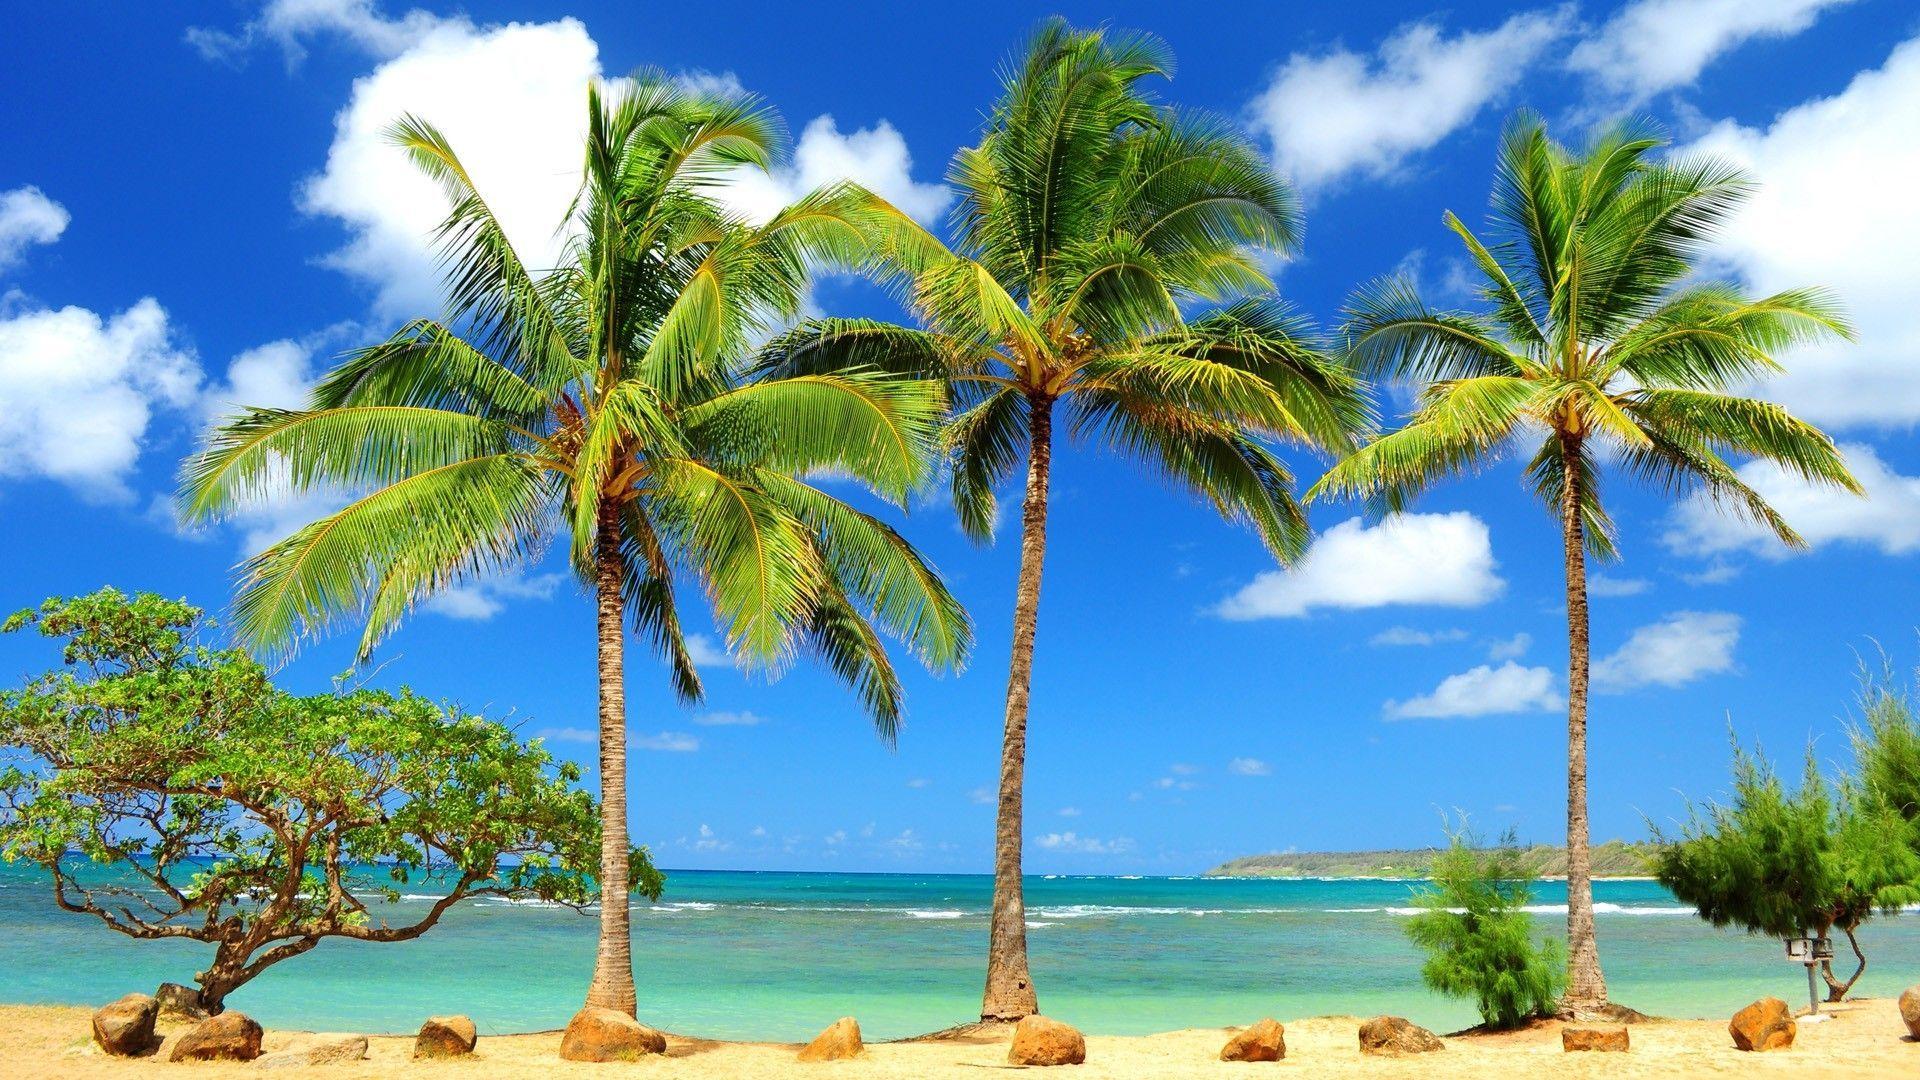 Tropical Beach Paradise HD desktop wallpaper Widescreen